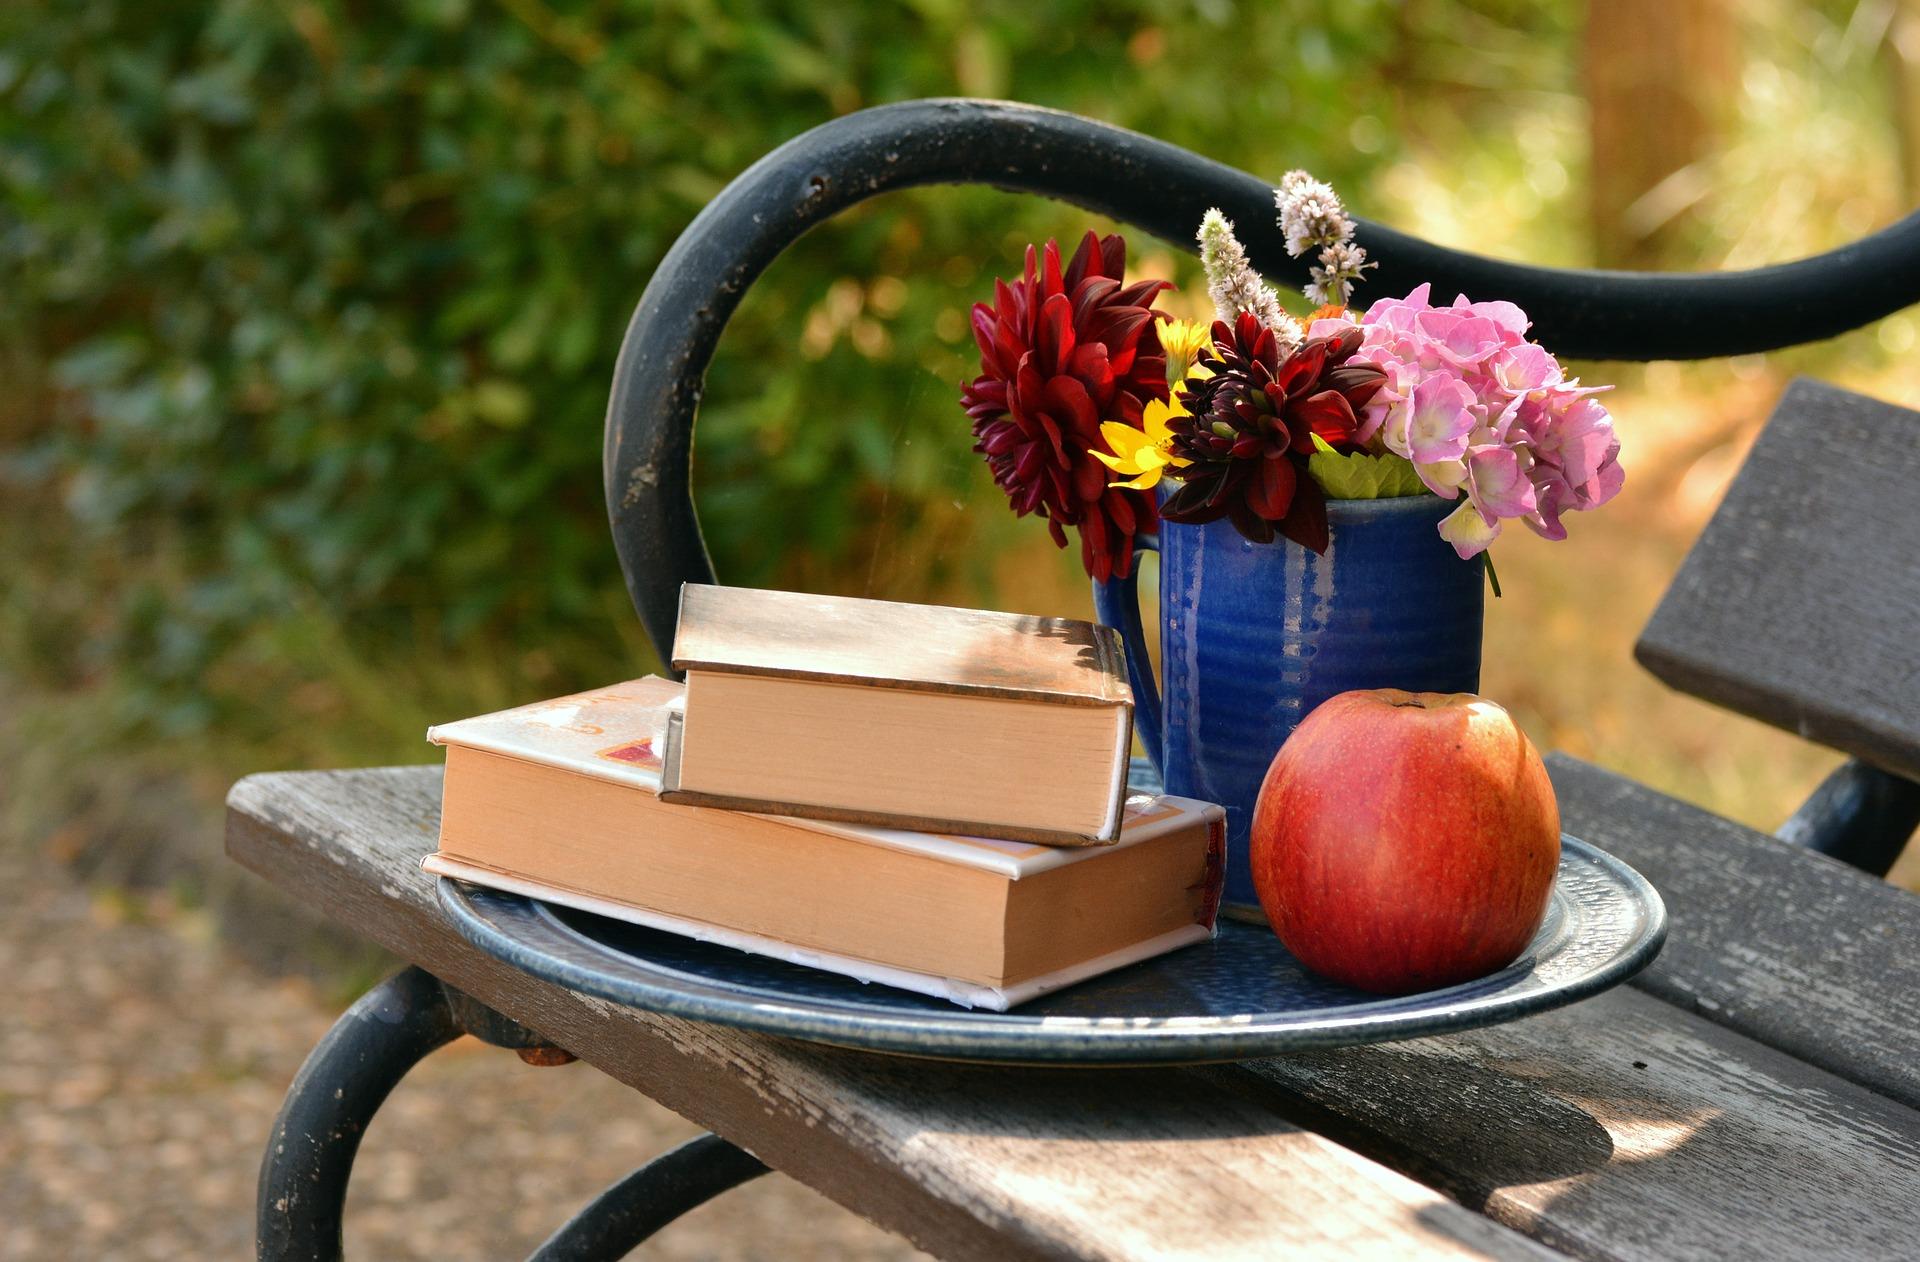 kirjoja ja kukkia penkillä